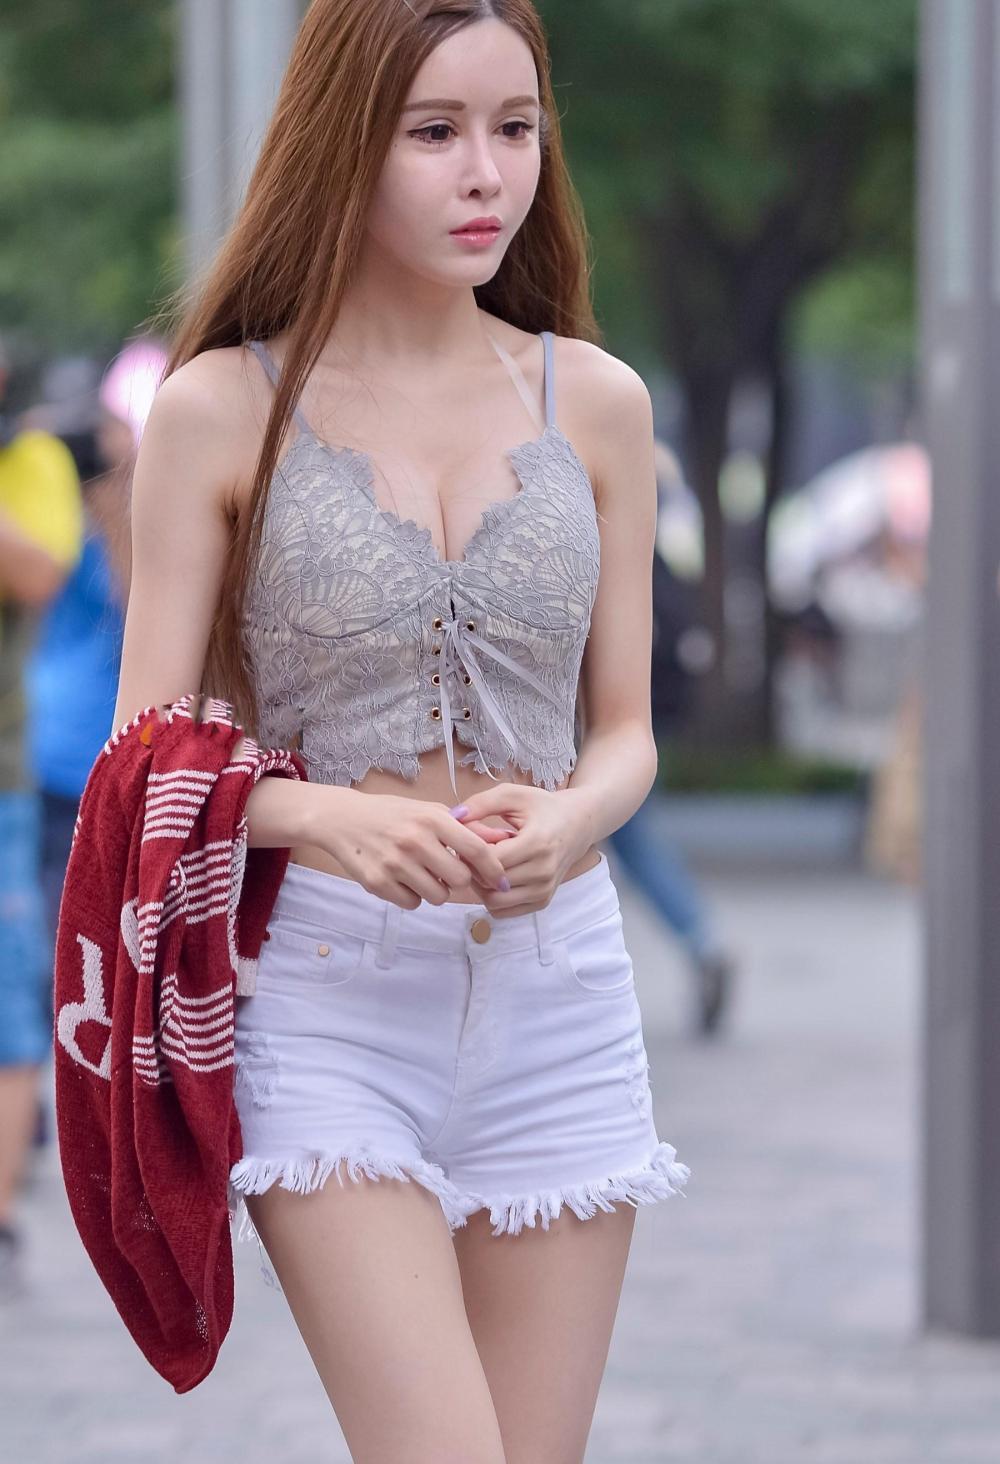 街拍: 身材傲人的时尚美女穿上低胸装, 秀出性感事业线